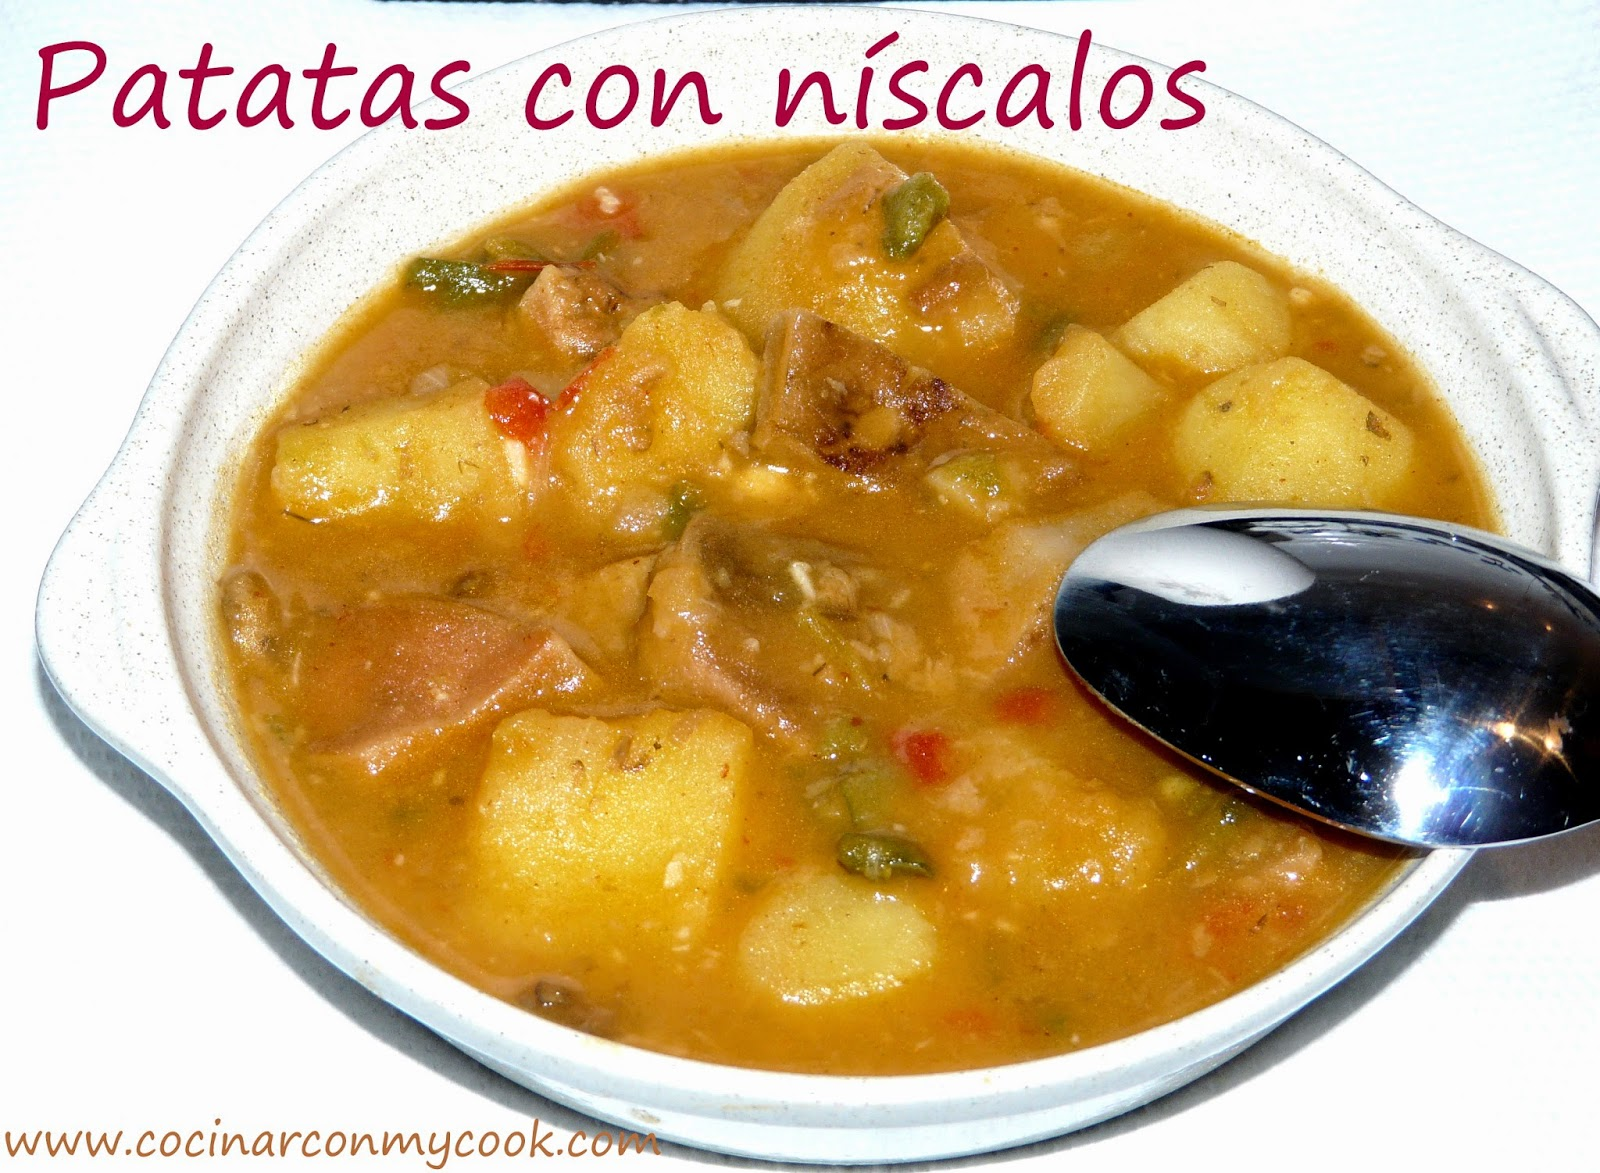 Cocinar con mycook patatas con n scalos for Cocinar repollo con patatas